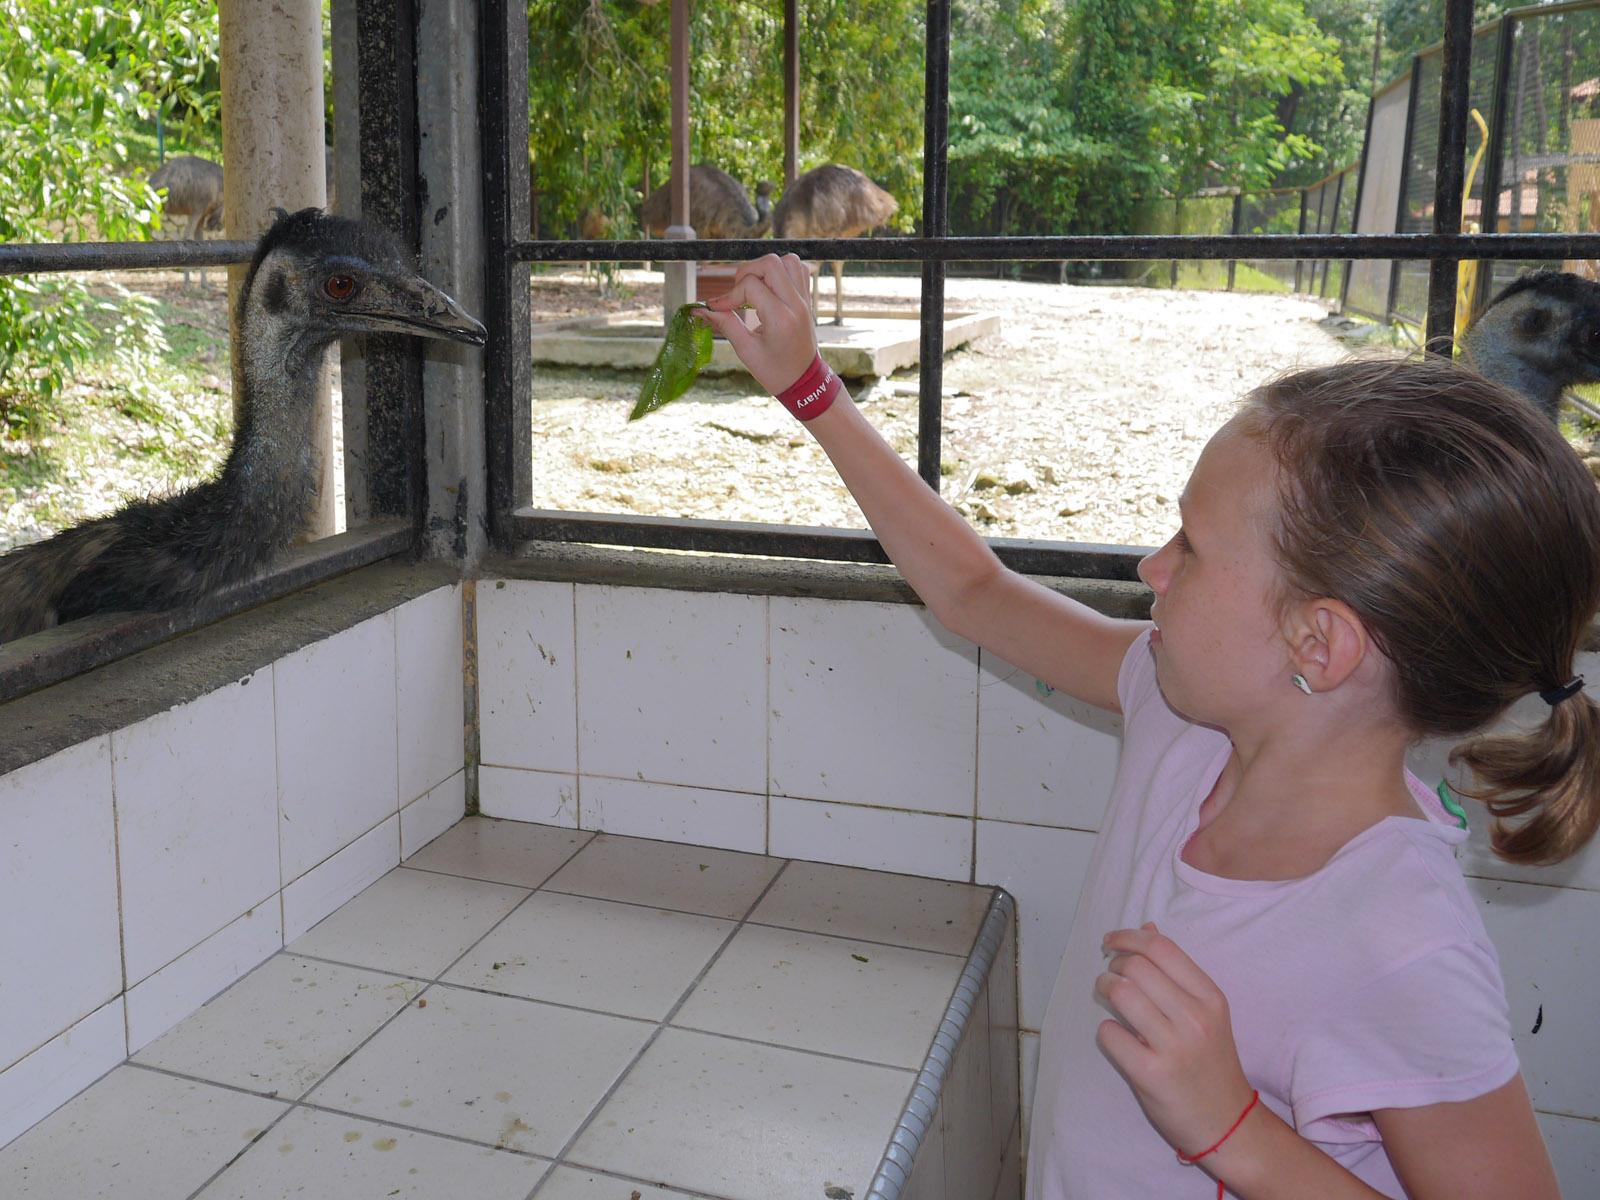 Me feeding the Emu